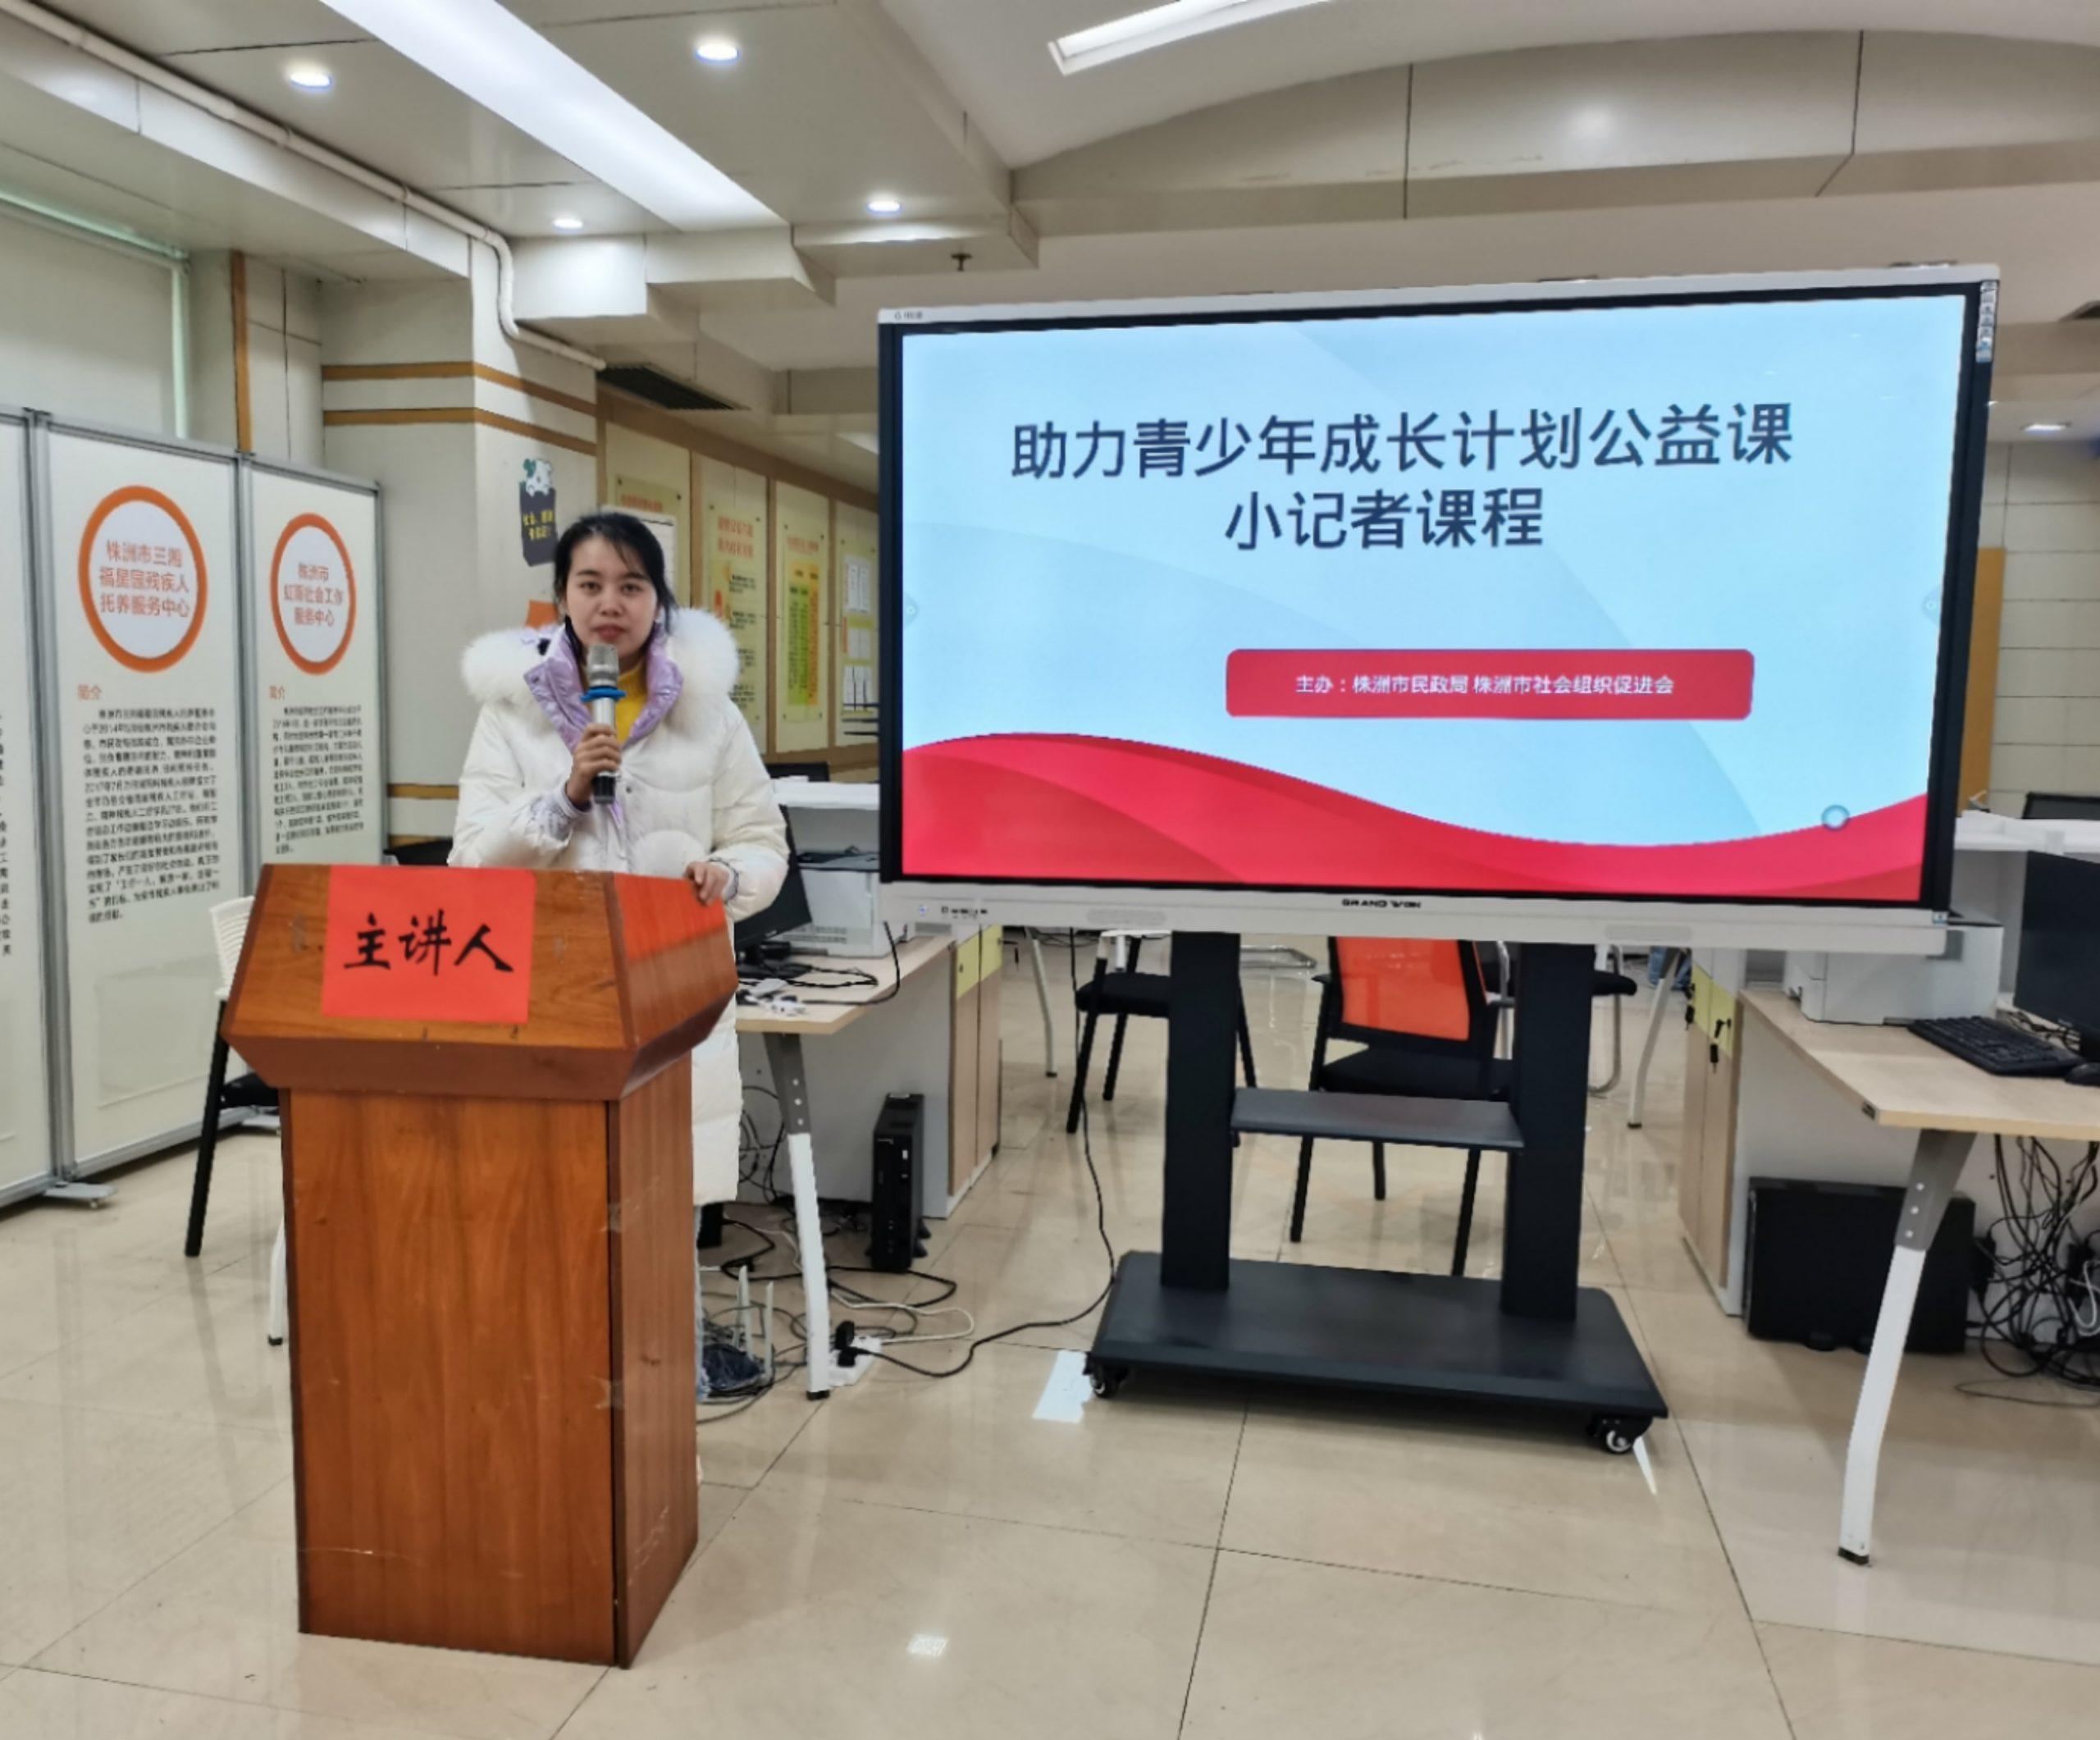 株洲:校园记者公益课开启新年第一课 点亮青少年成长之路